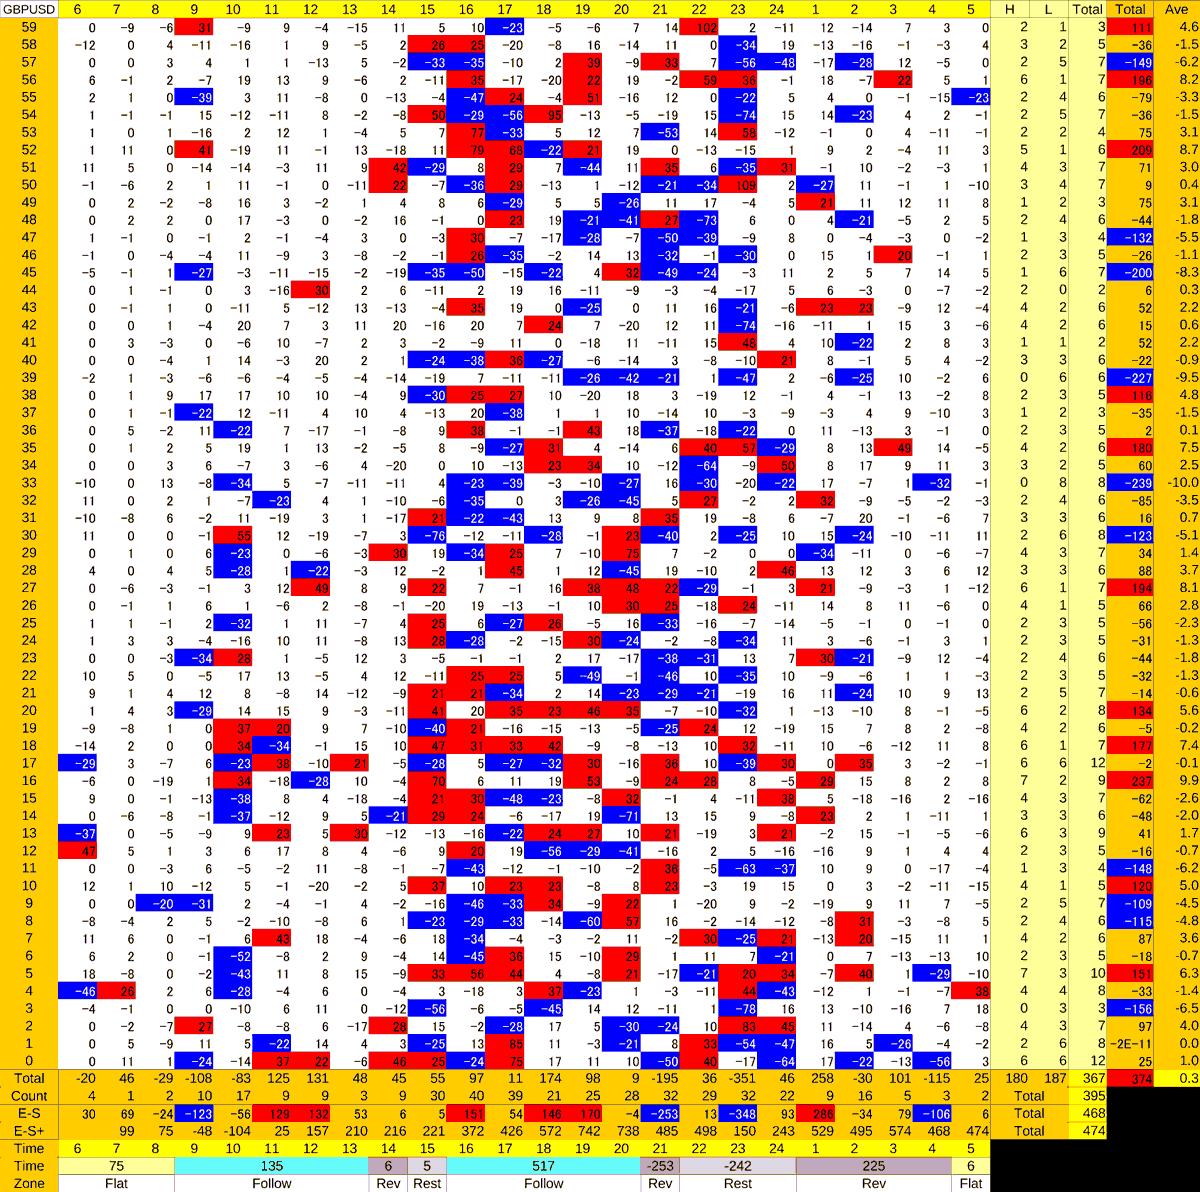 20200915_HS(2)GBPUSD